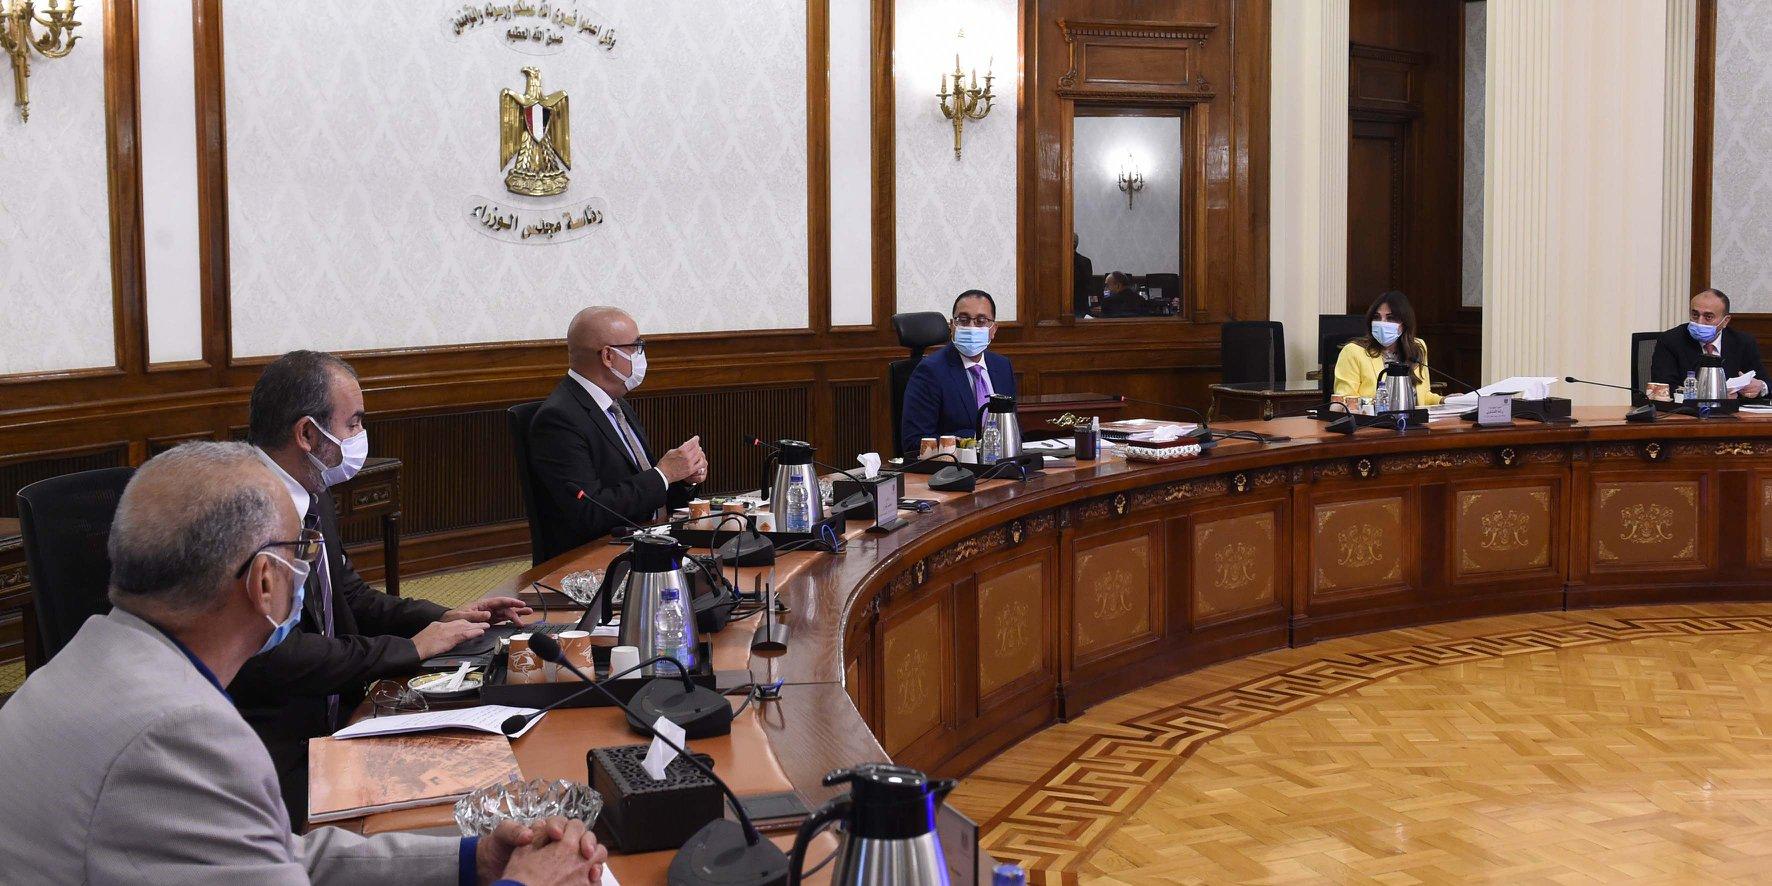 رئيس الوزراء يواصل اجتماعاته بشأن تطوير منطقة الفسطاط التاريخية